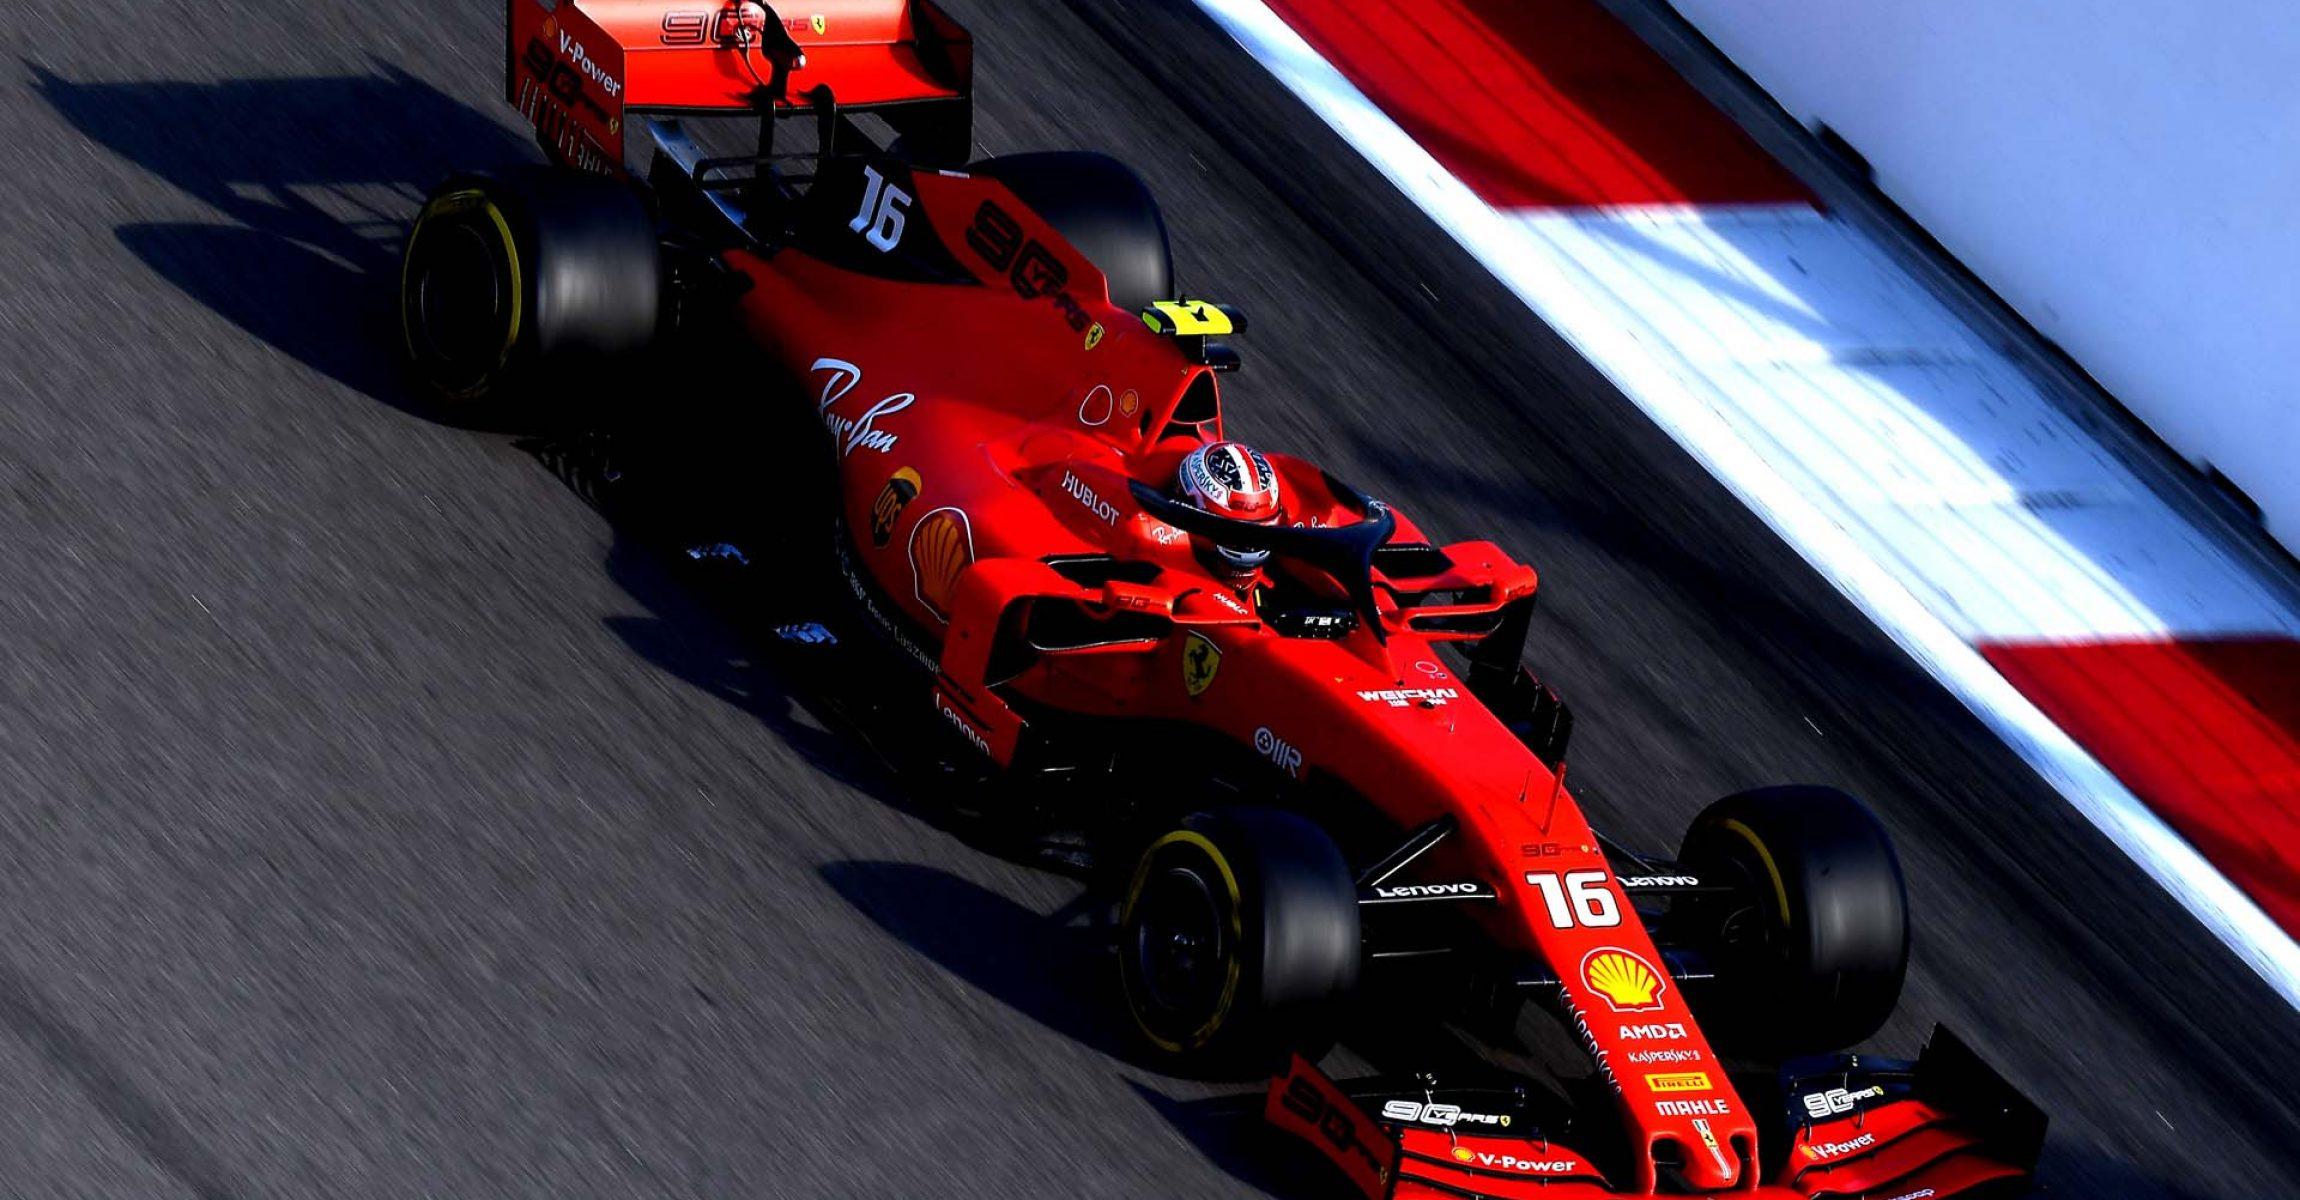 GP RUSSIA F1/2019 -  DOMENICA 29/09/2019   credit: @Scuderia Ferrari Press Office Charles Leclerc